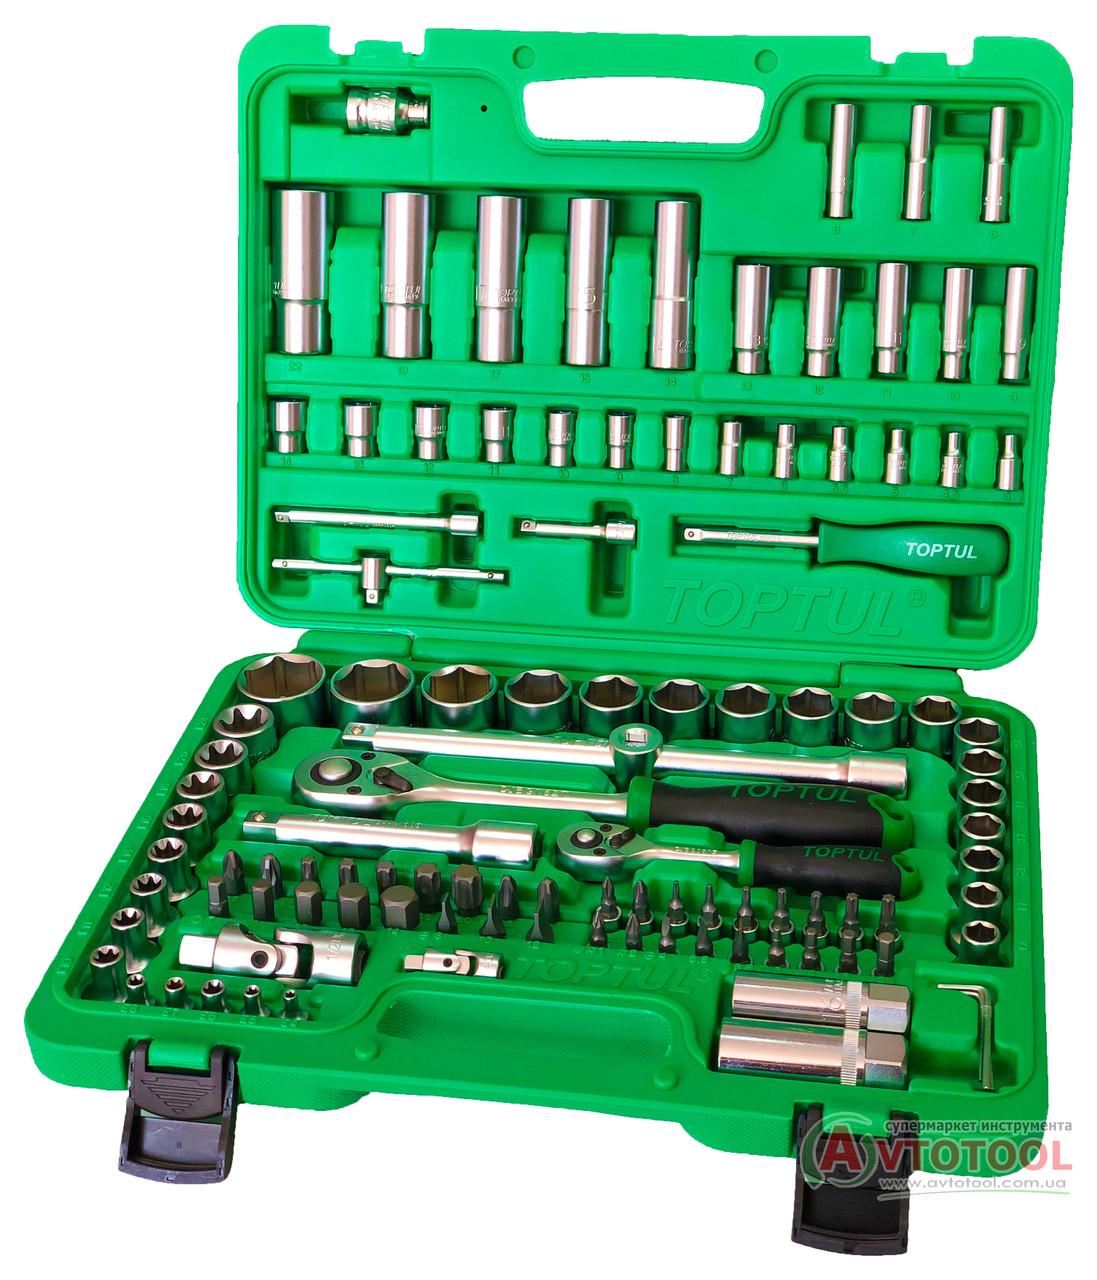 """Набор инструмента 1/4""""&1/2"""" 108 ед. (6-гр.) new box, GCAI108R TOPTUL"""